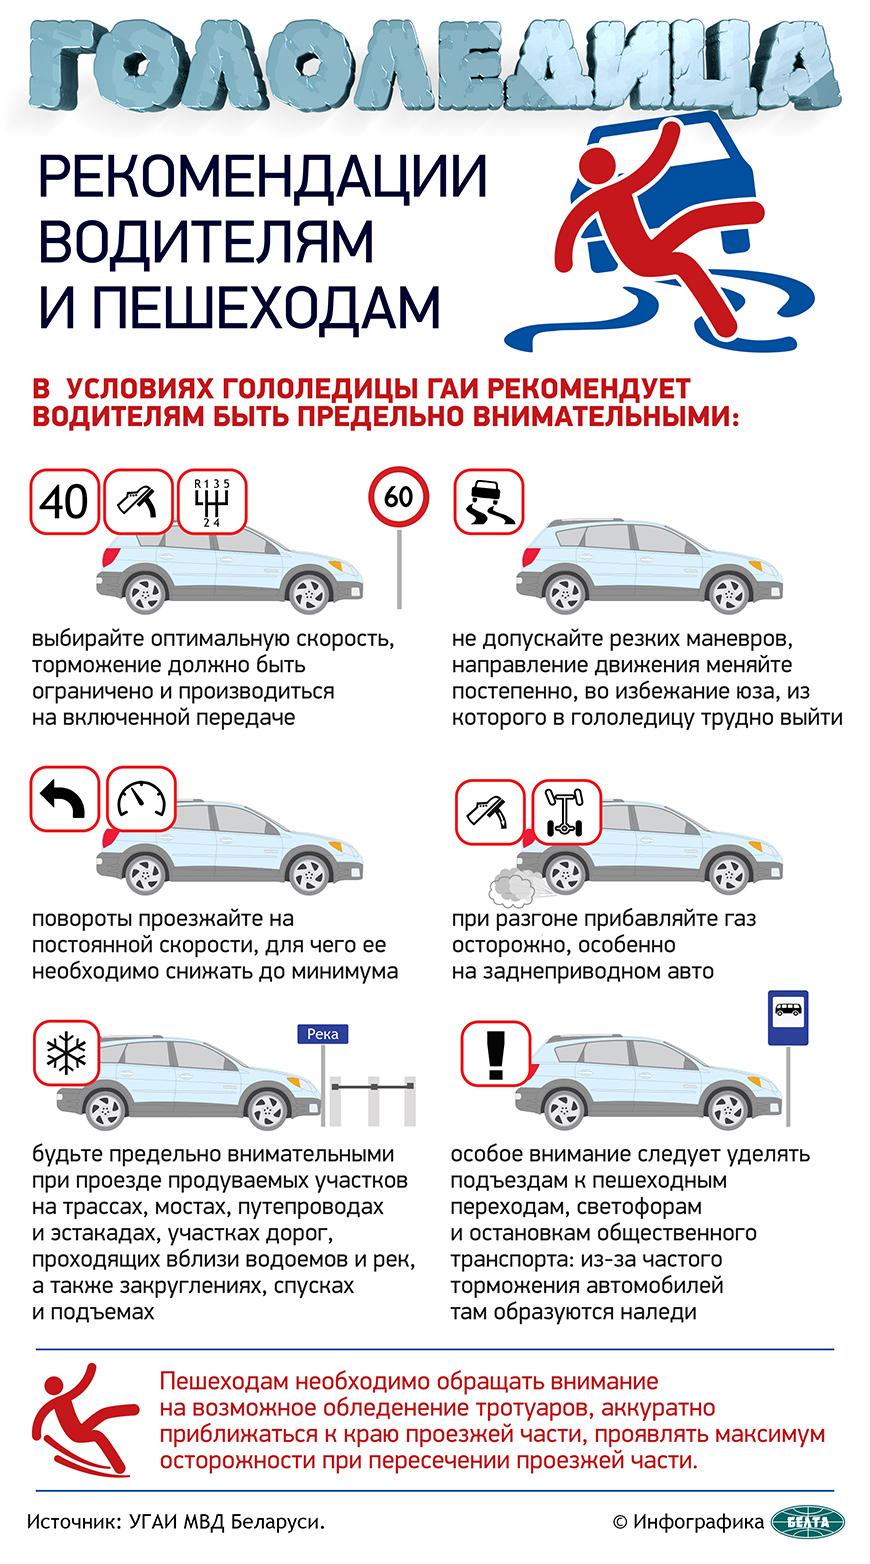 Гололедица. Рекомендации водителям и пешеходам